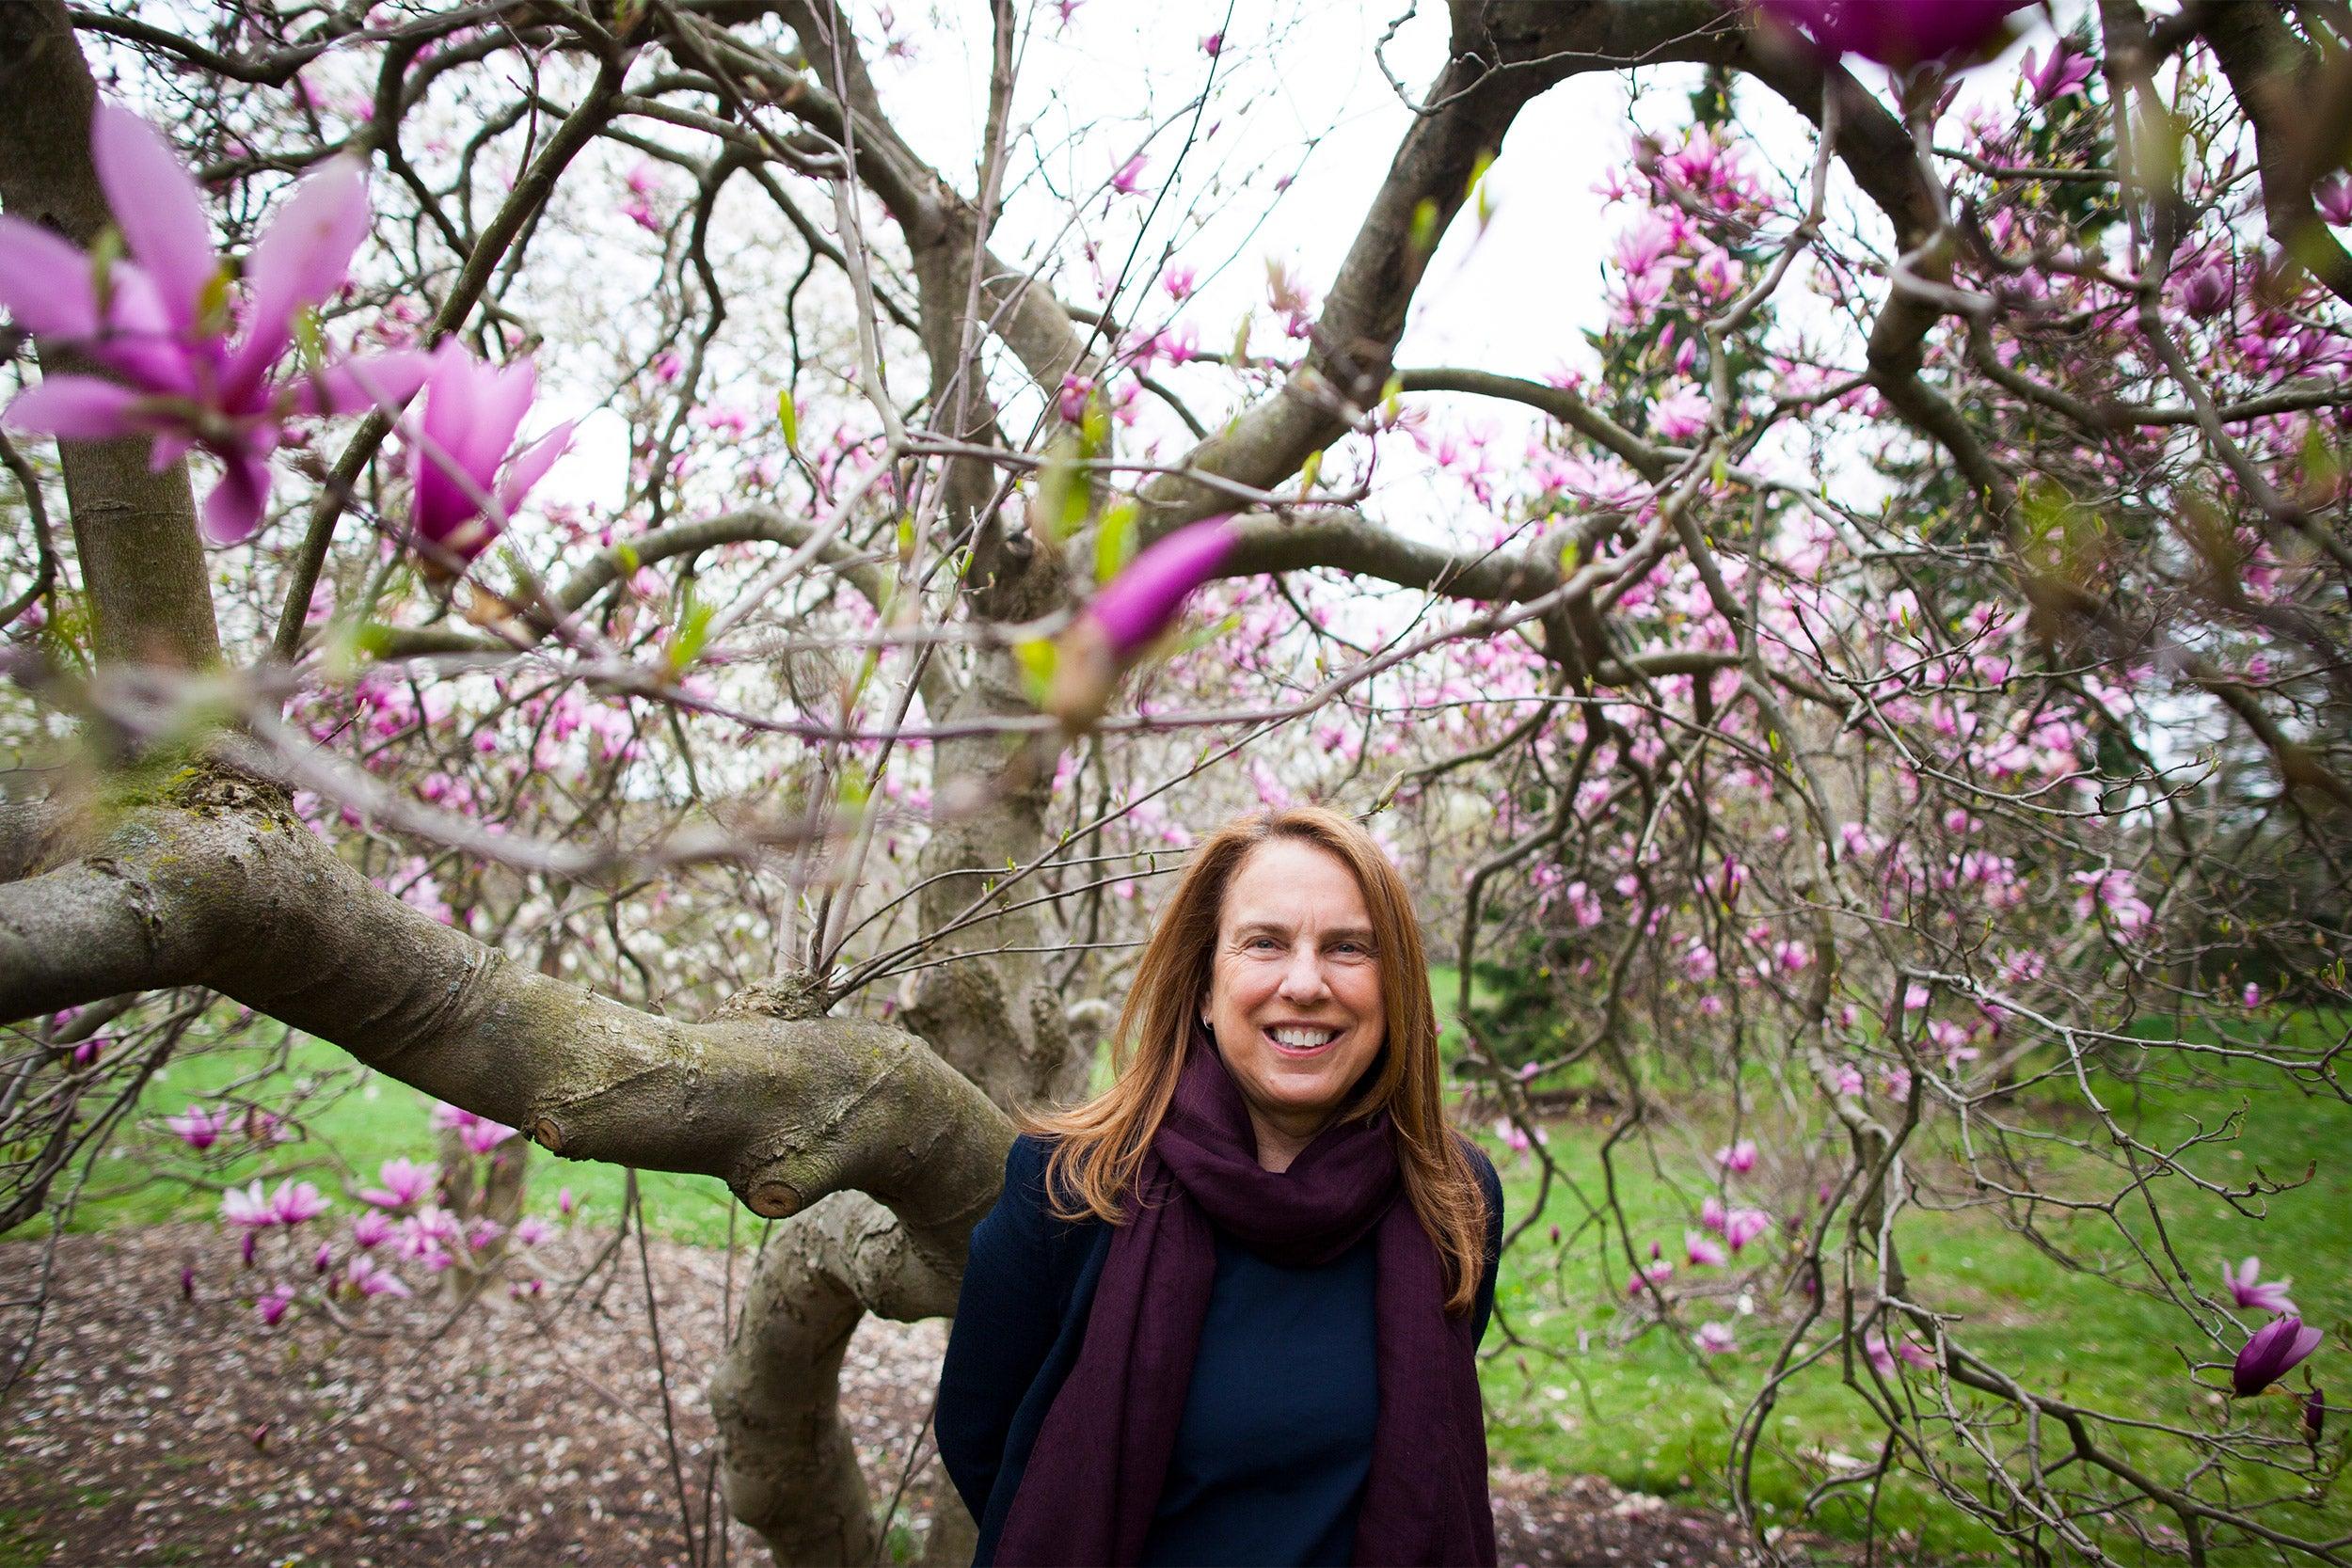 Pamela Silver by a flowering tree.